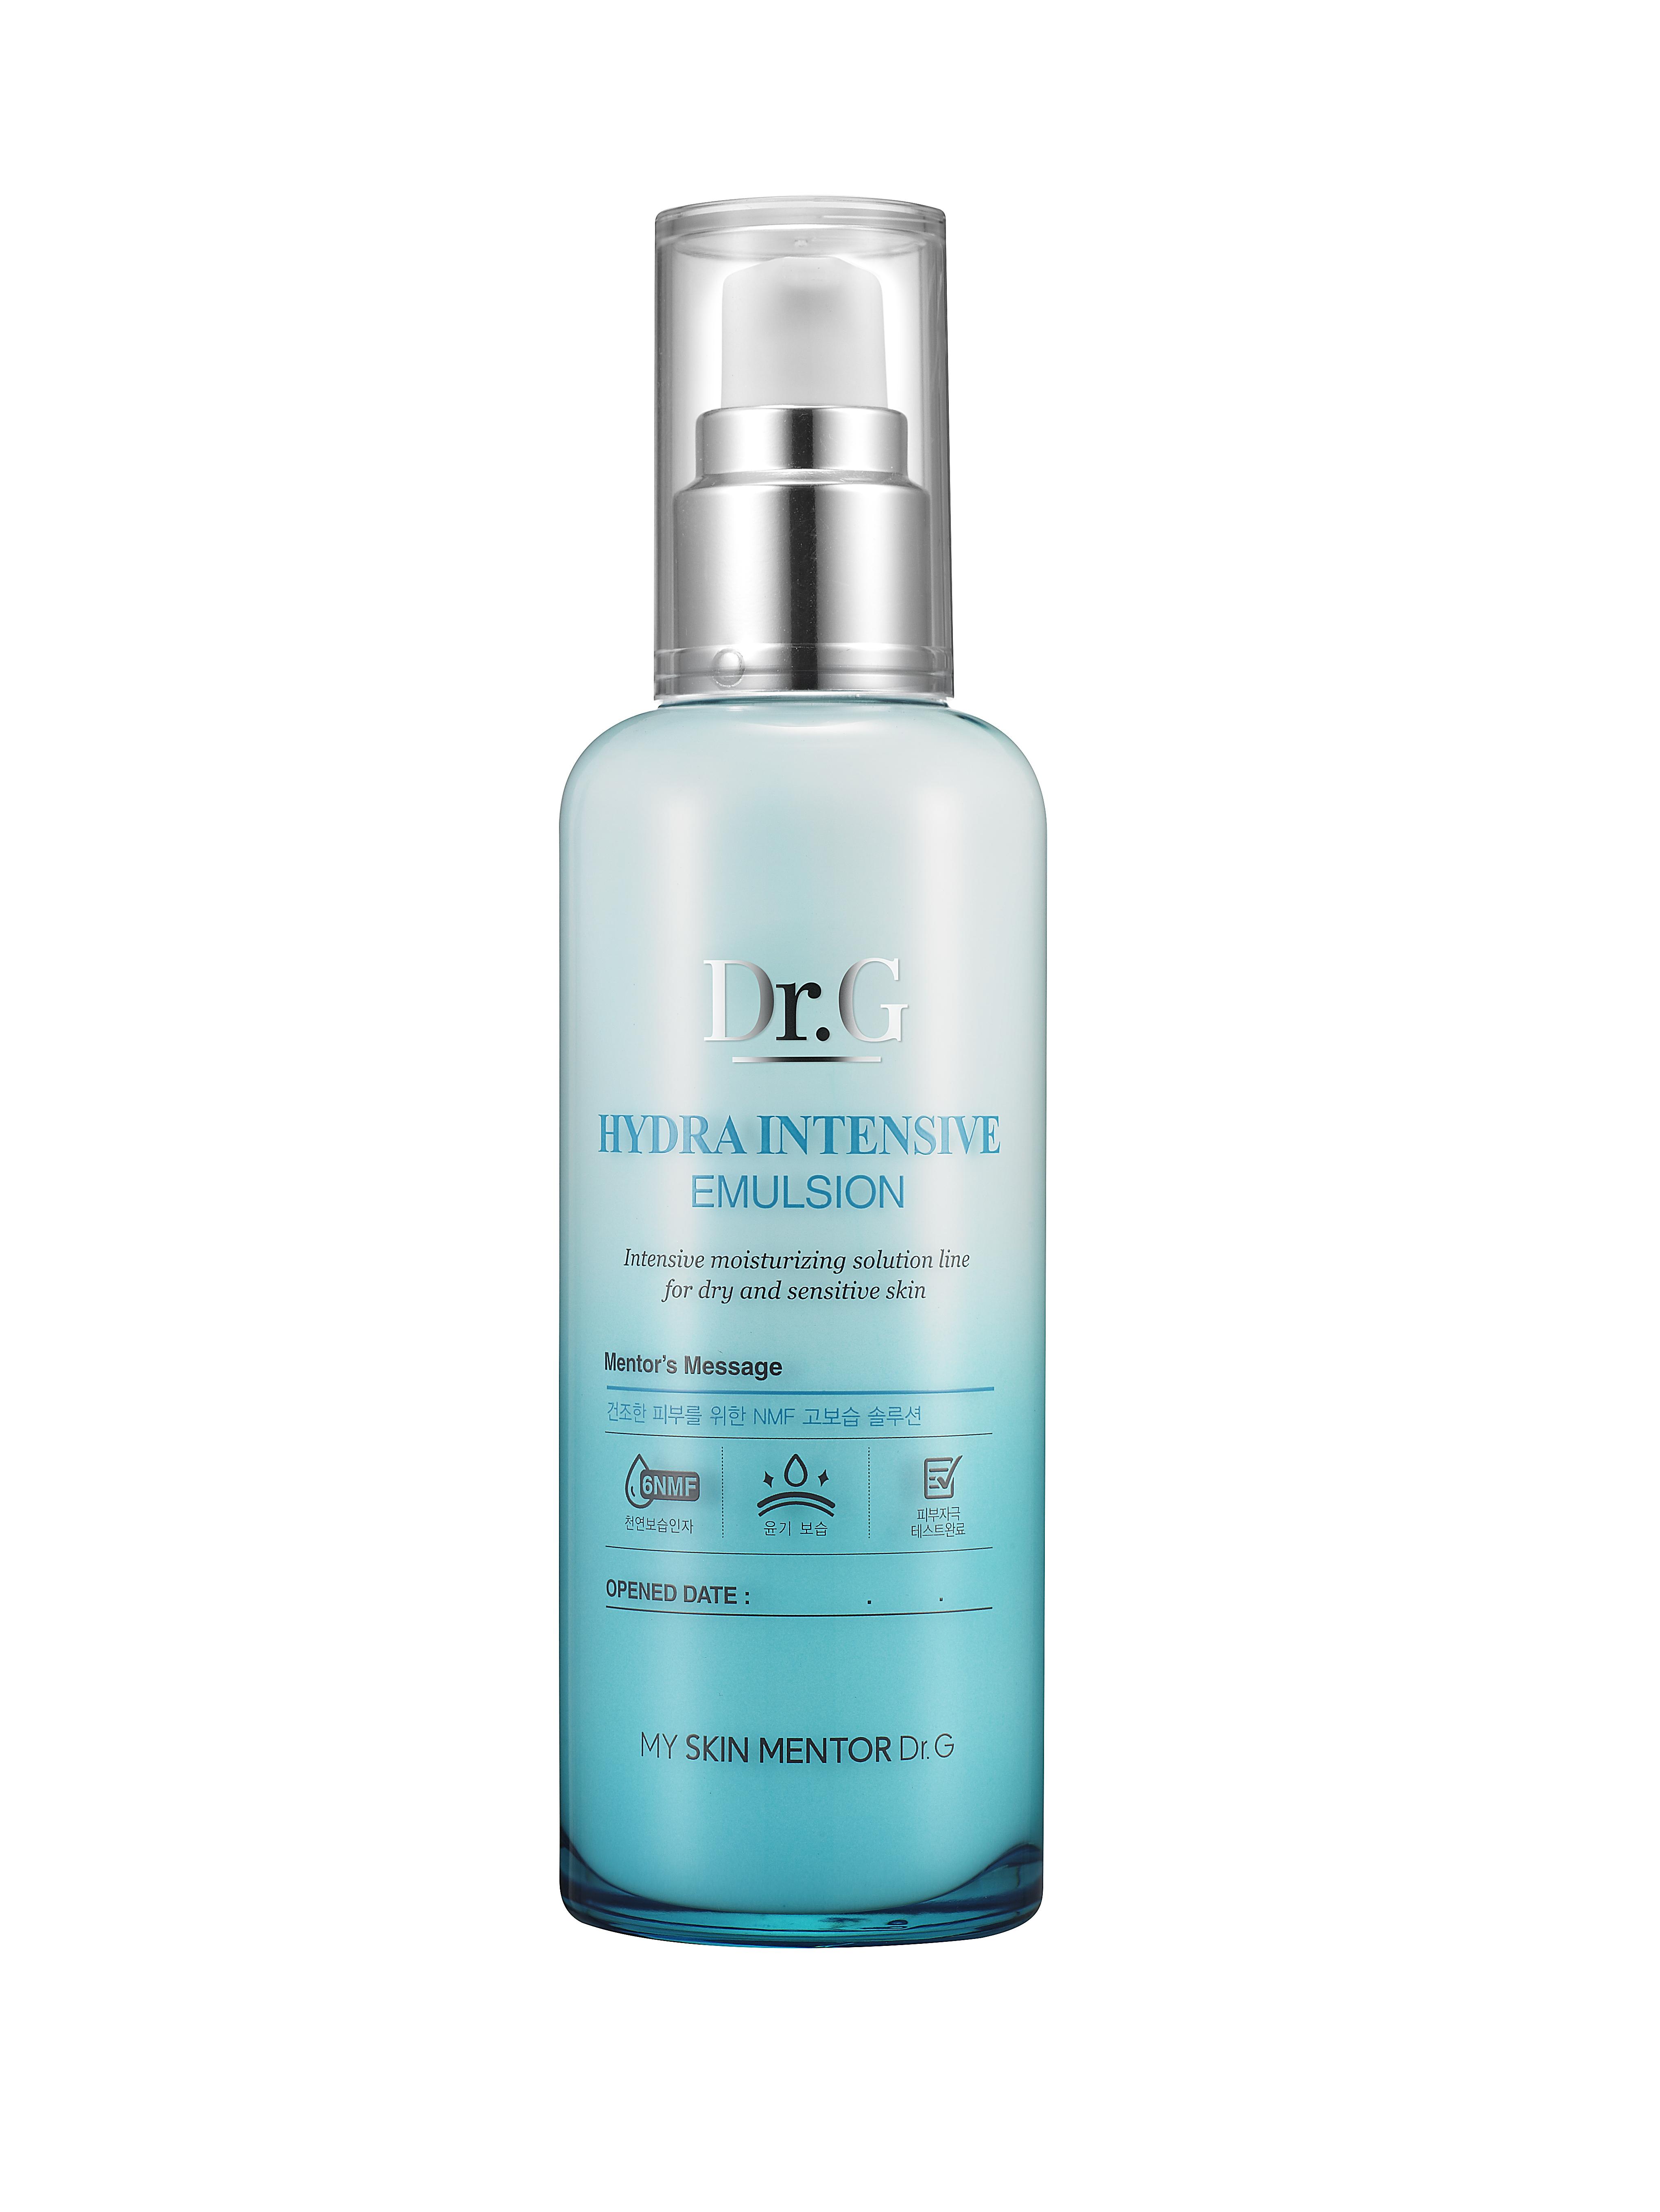 Dr. G Пенка для умывания очищающий увлажняющий Hydra, 120 млБ63003 мятаПенка для интенсивного увлажнения и очищения кожи лица с усиленным NMF (натуральным увлажняющим фактором). Создает богатую густую пену. Оптимизирует влагообмен. Нейтрализует раздражение при чувствительной коже. NMF улучшает роговой слой и внешний вид кожи. Борется с воспалением и краснотой. Придает коже бархатистость и гладкость. Пенка насыщена экстрактами сосны и юкки, а также маслом виноградных косточек. Экстракт сосны является сильным антиоксидантом, улучшает состояние сосудов и предотвращает разрушение коллагена и эластина. Экстракт юкки содержит стероидные сапонины, полифенолы флавоноидной структуры. Обладает противовоспалительным эффектом, «ловит» свободные радикалы. Масло виноградных косточек регулирует саловыделение, сужает поры, при этом выравнивая тон и улучшает кожный покров.Не содержит содиум лаурил сульфата (SLS).